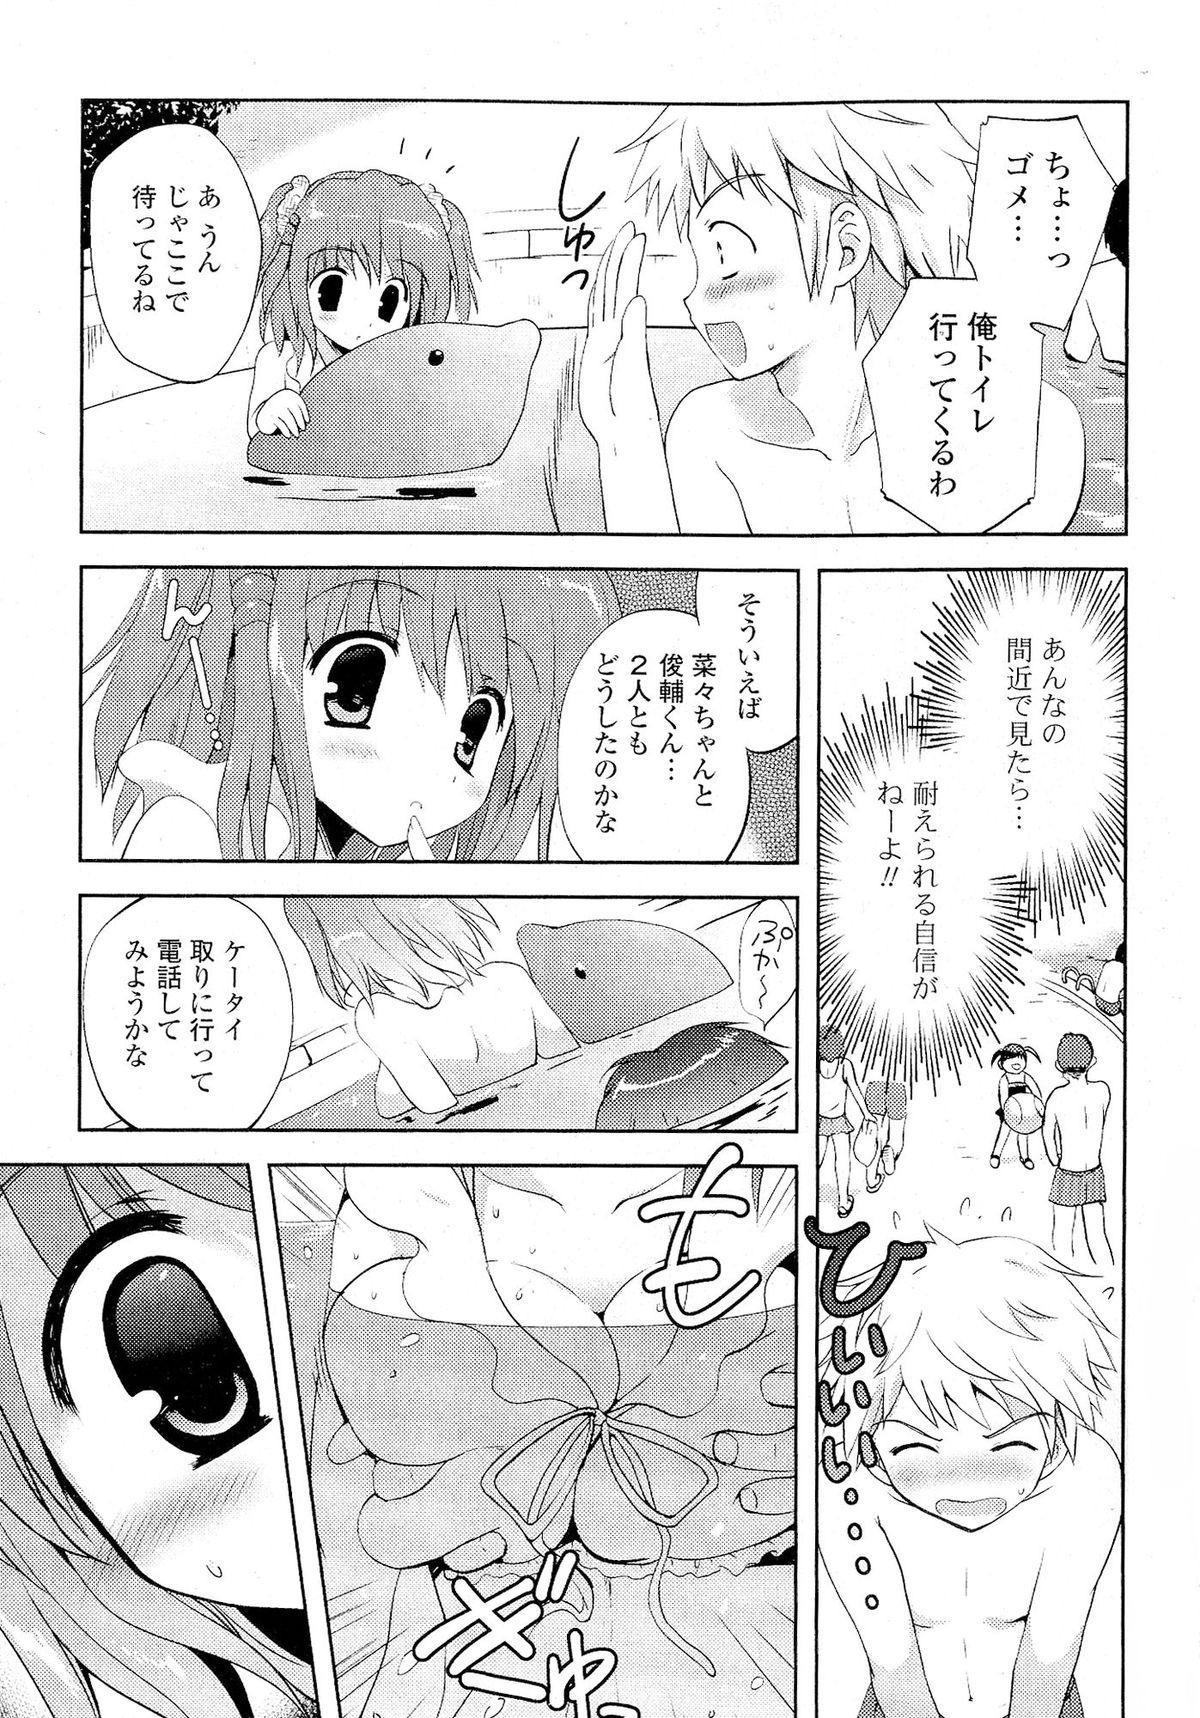 Doki ga Mune Mune Chichimusume 104